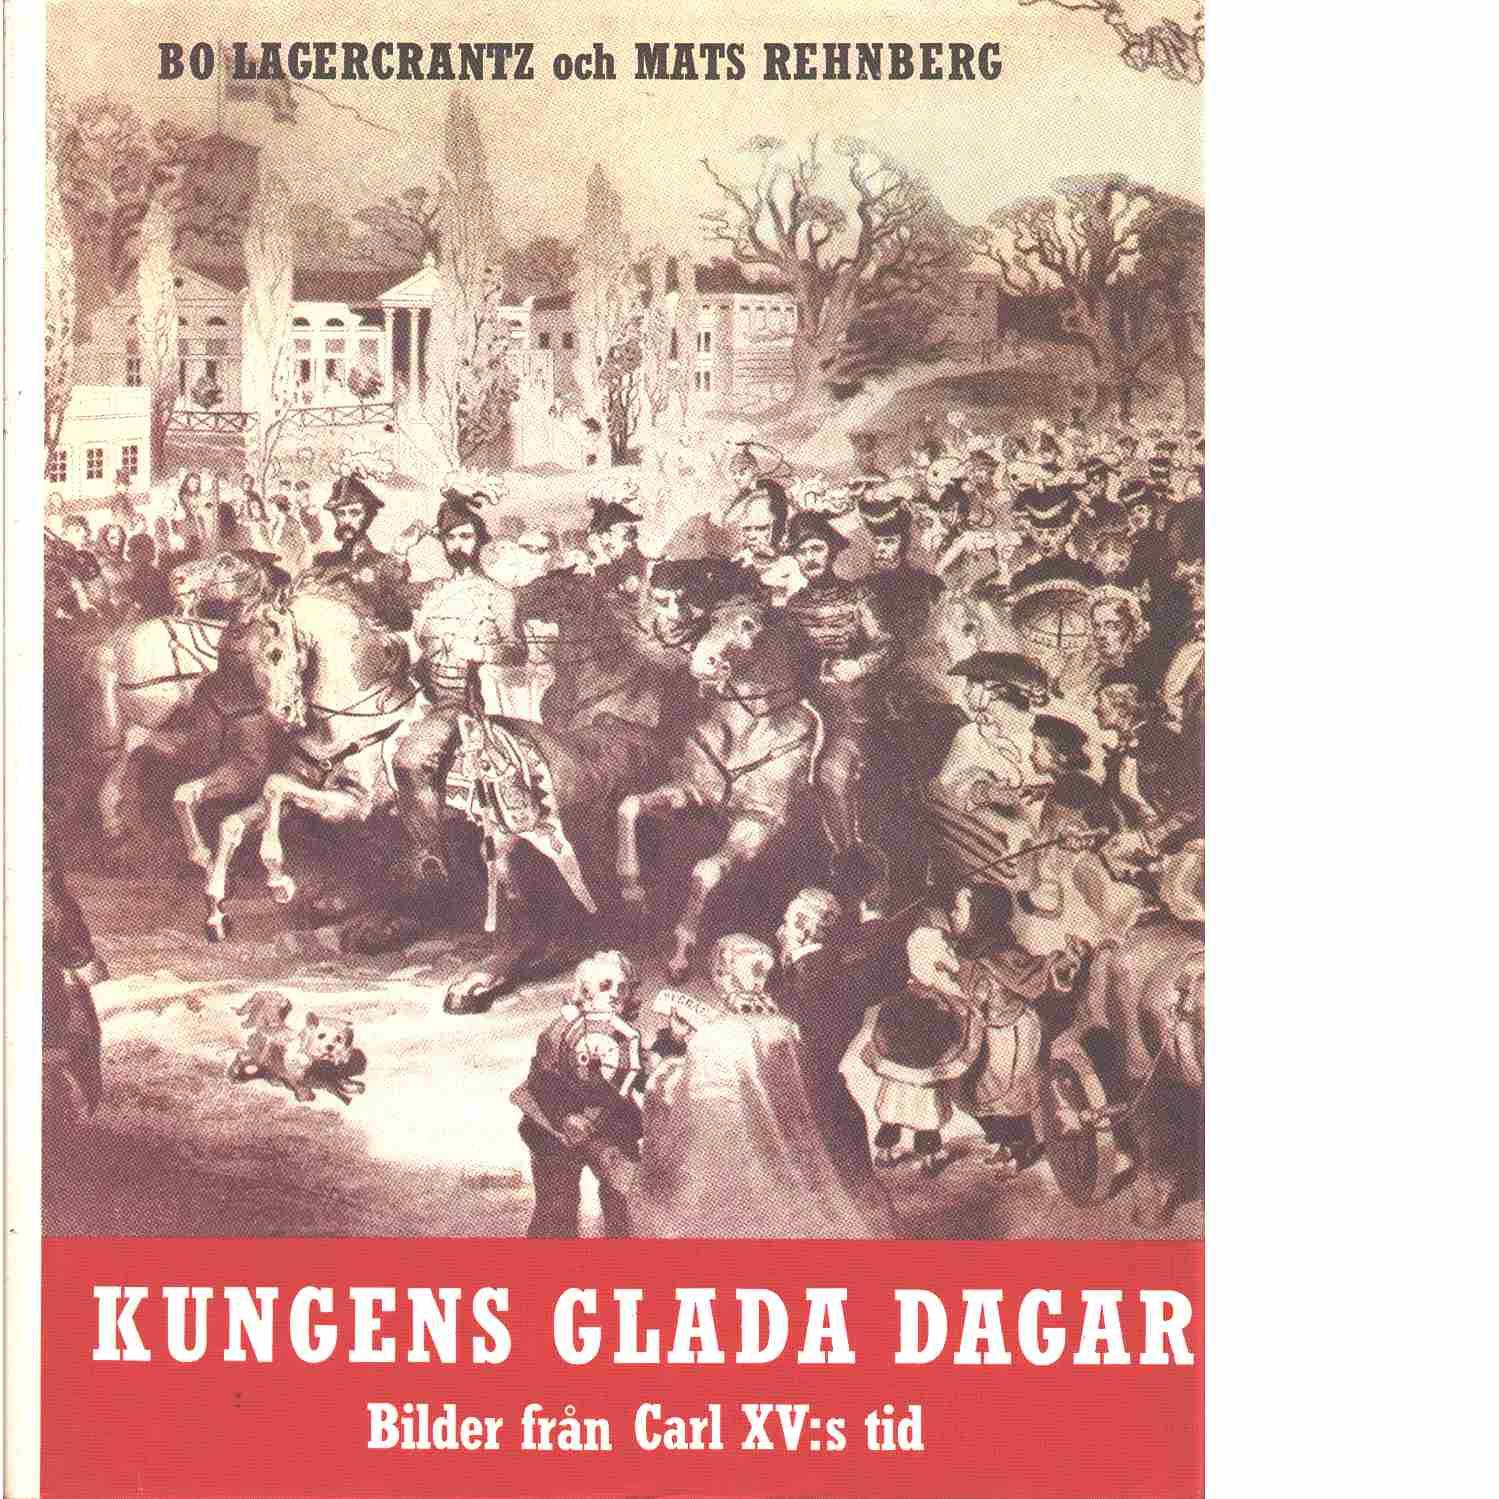 Kungens glada dagar : bilder från Carl XV:s tid - Lagercrantz, Bo och Rehnberg, Mats